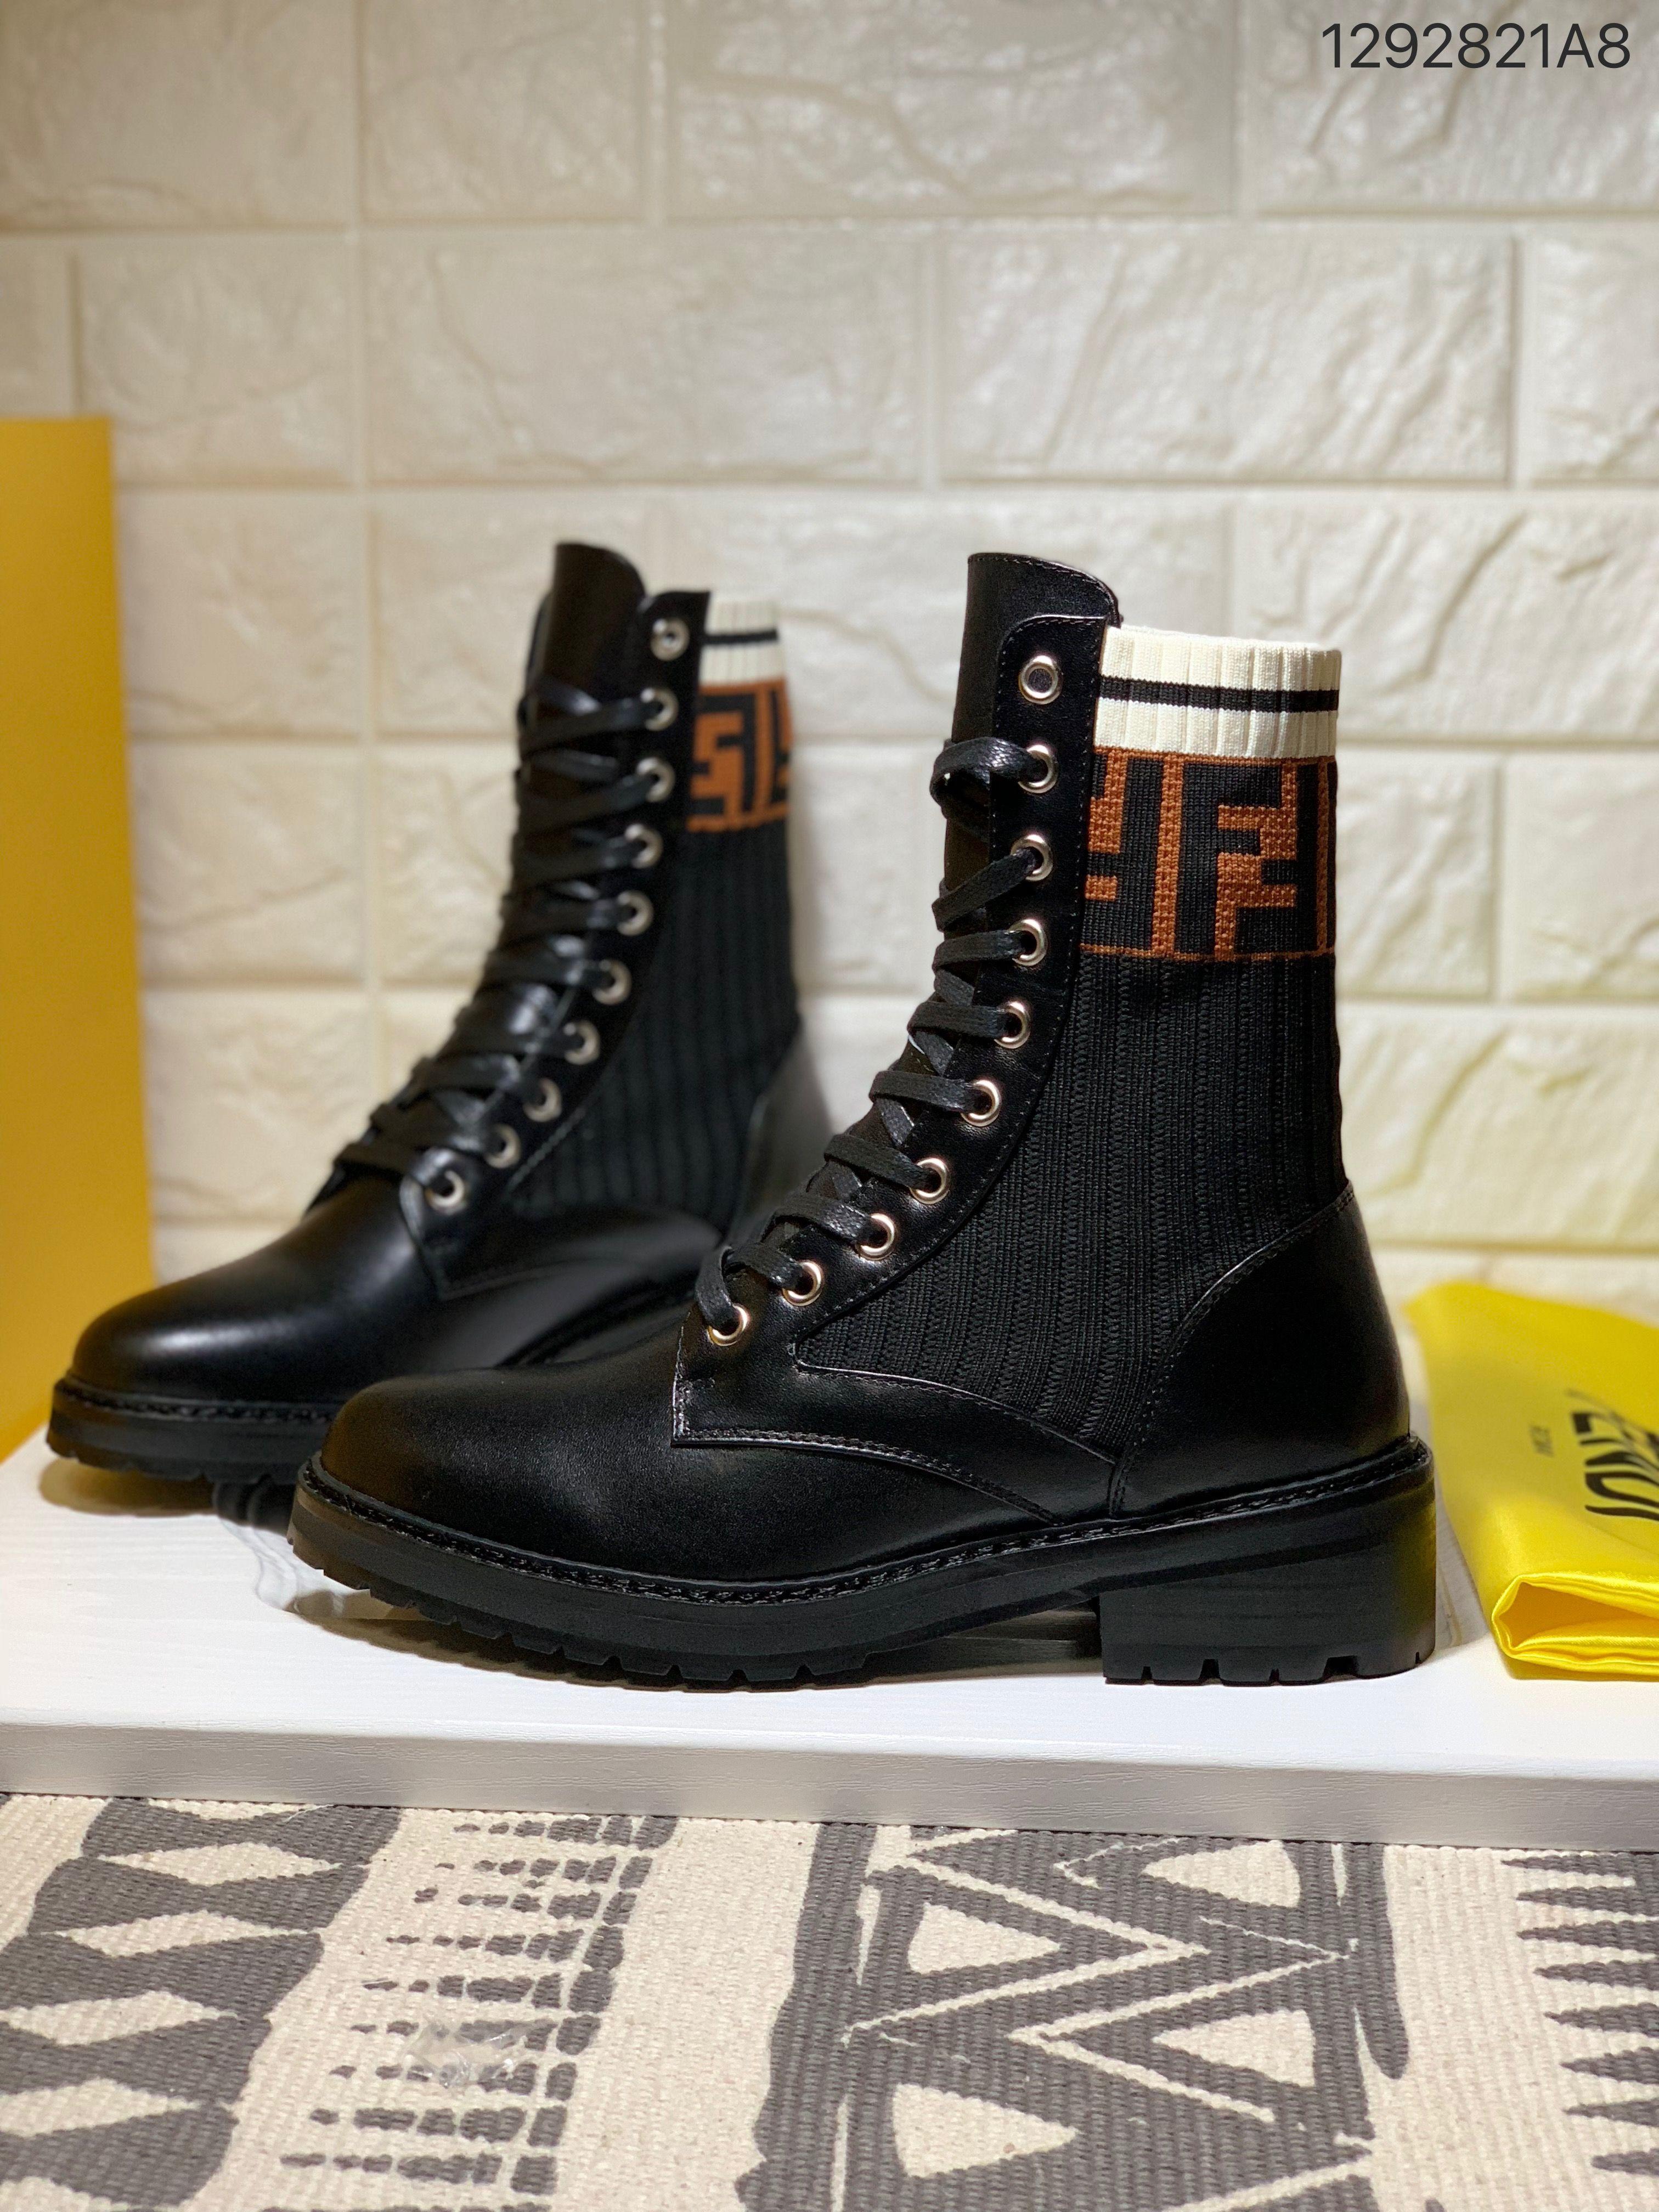 a14e003f4b4 Fendi woman Martin boots scooter shoes